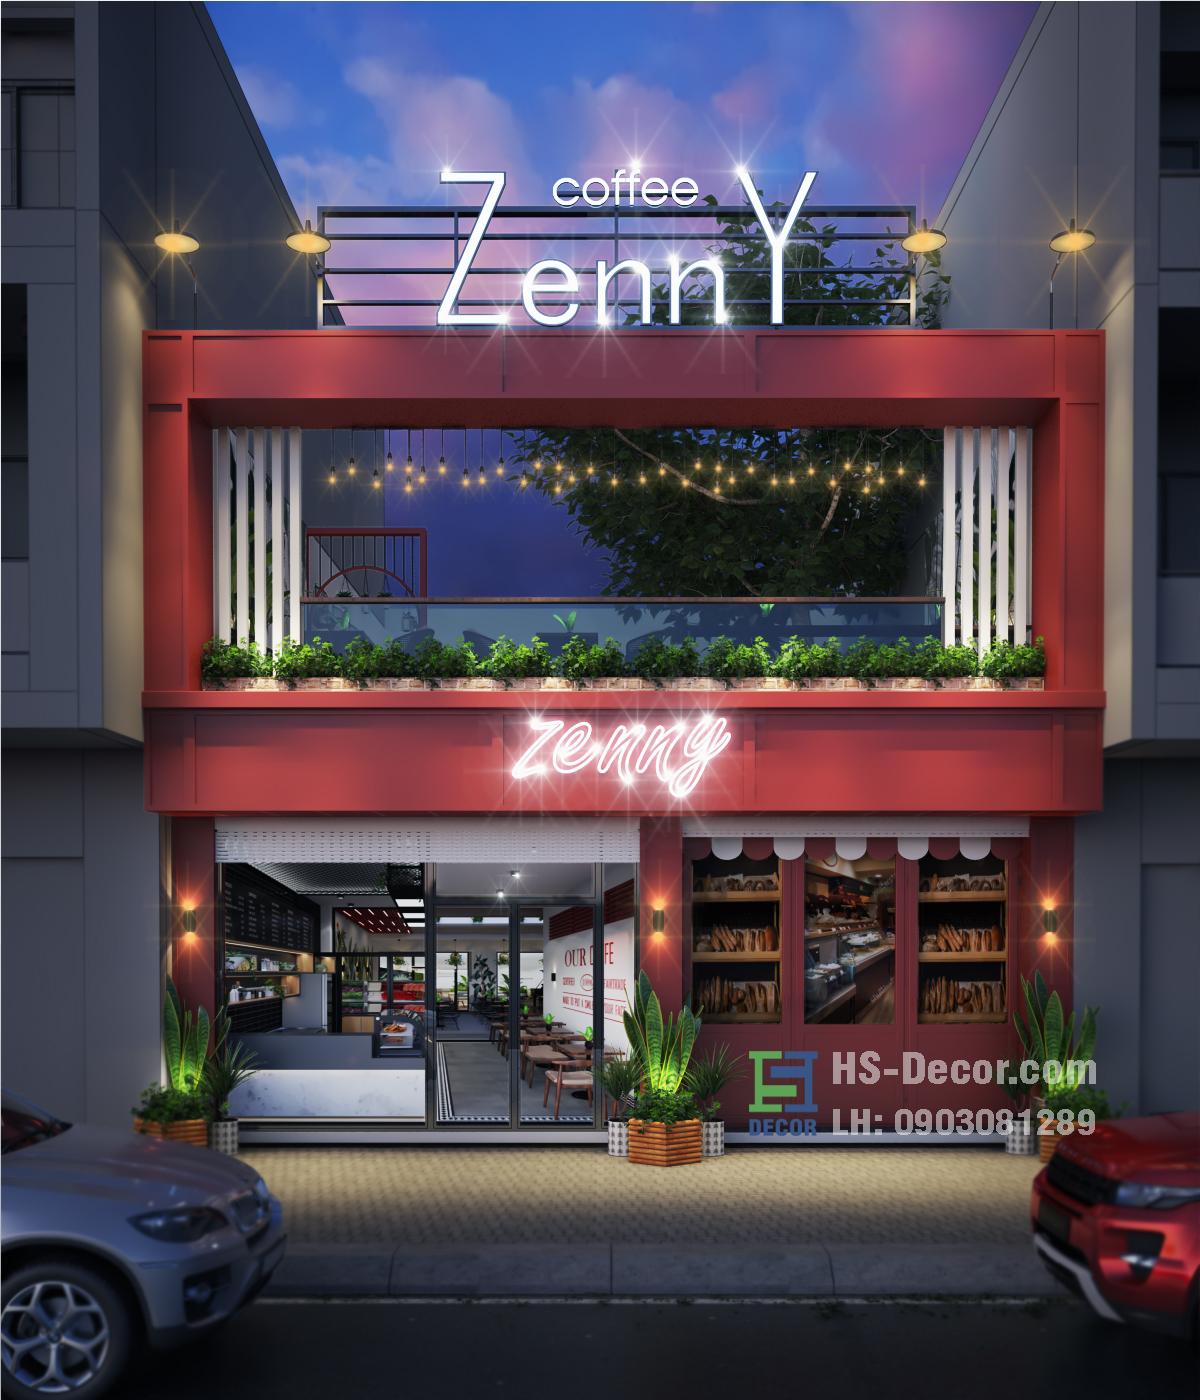 Zenny Coffee